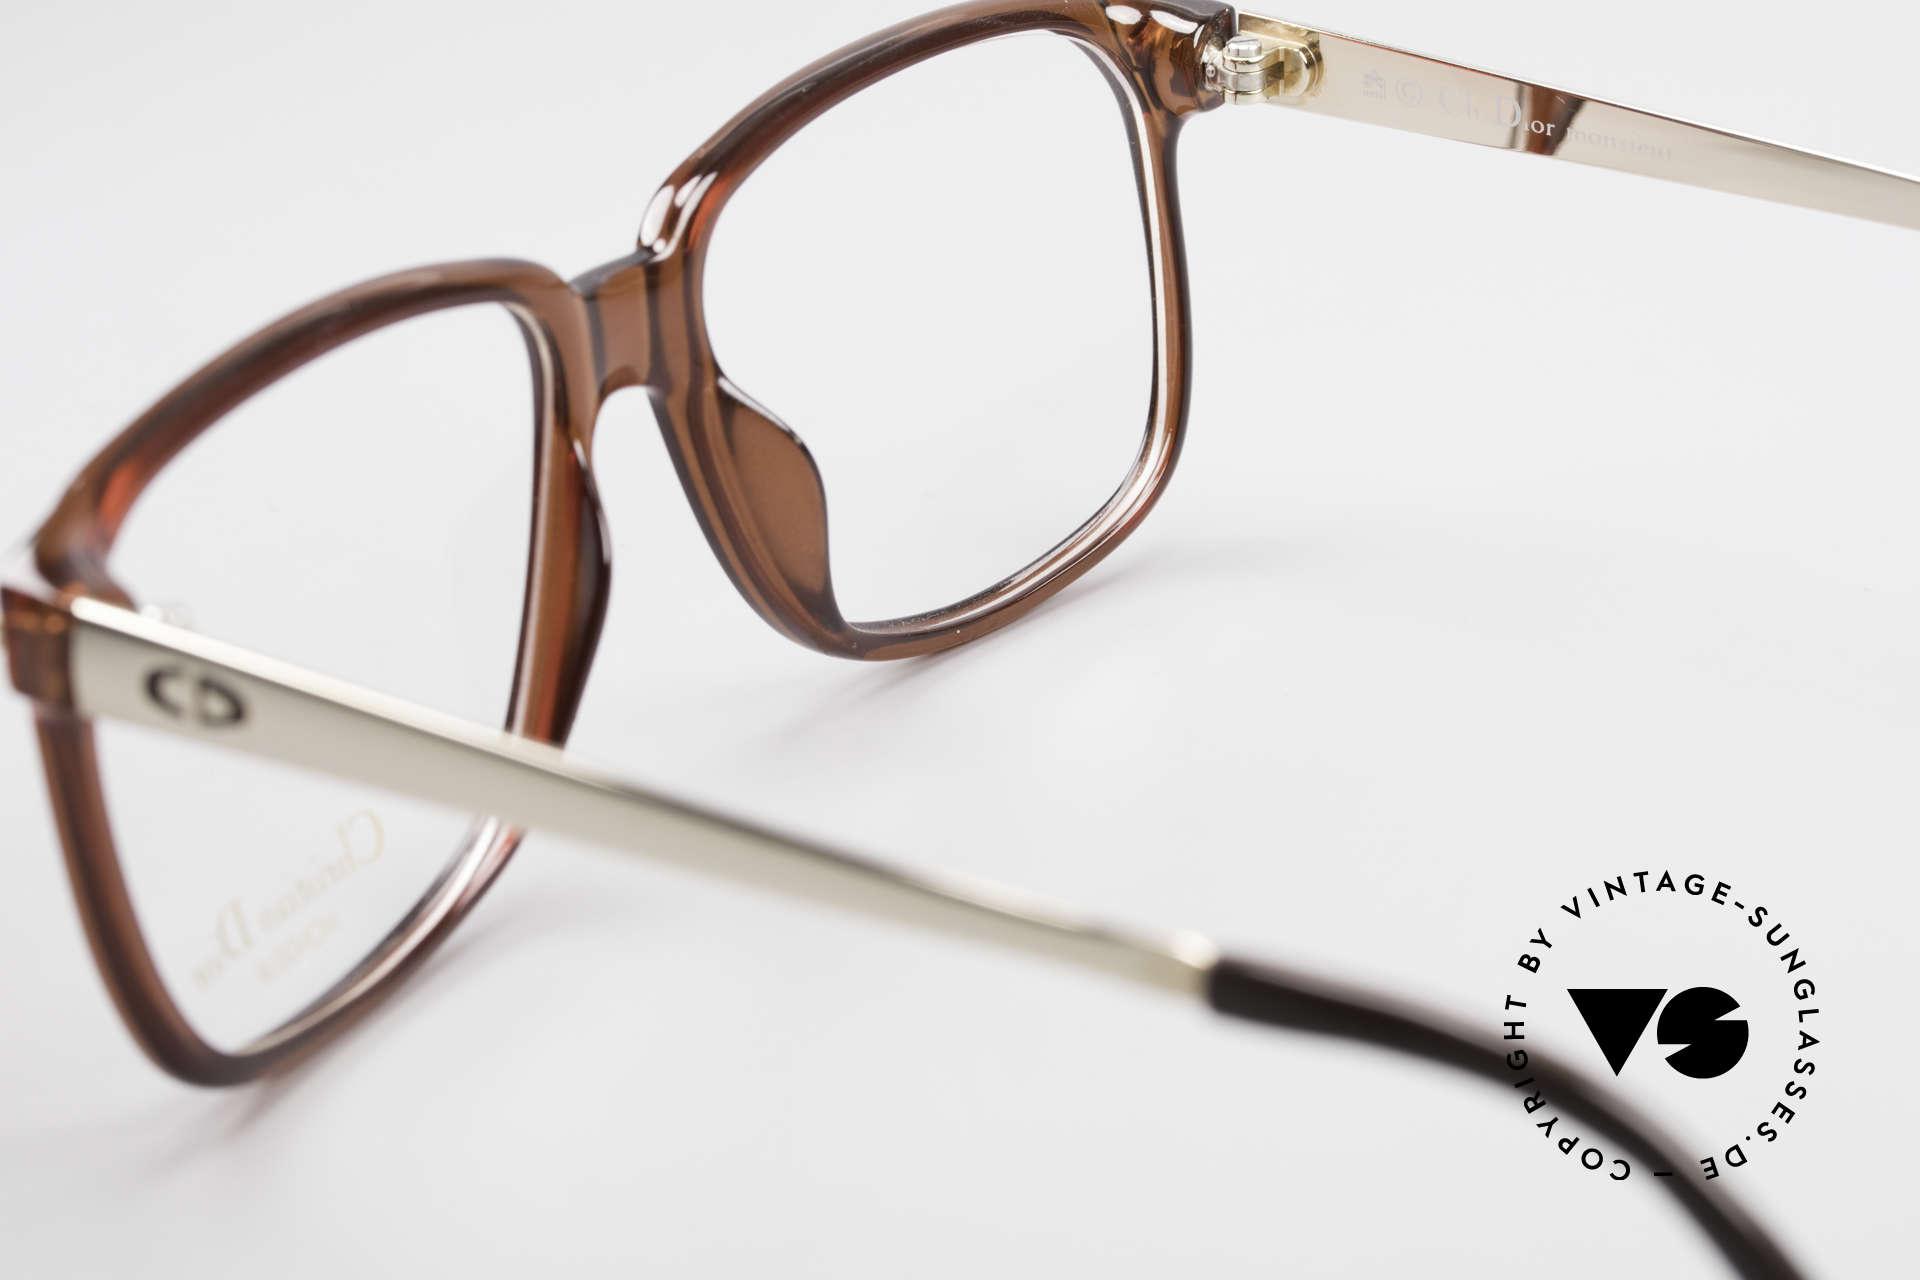 Christian Dior 2460 80's Frame Monsieur Series, NO RETRO eyeglasses, but a rare old ORIGINAL, Made for Men